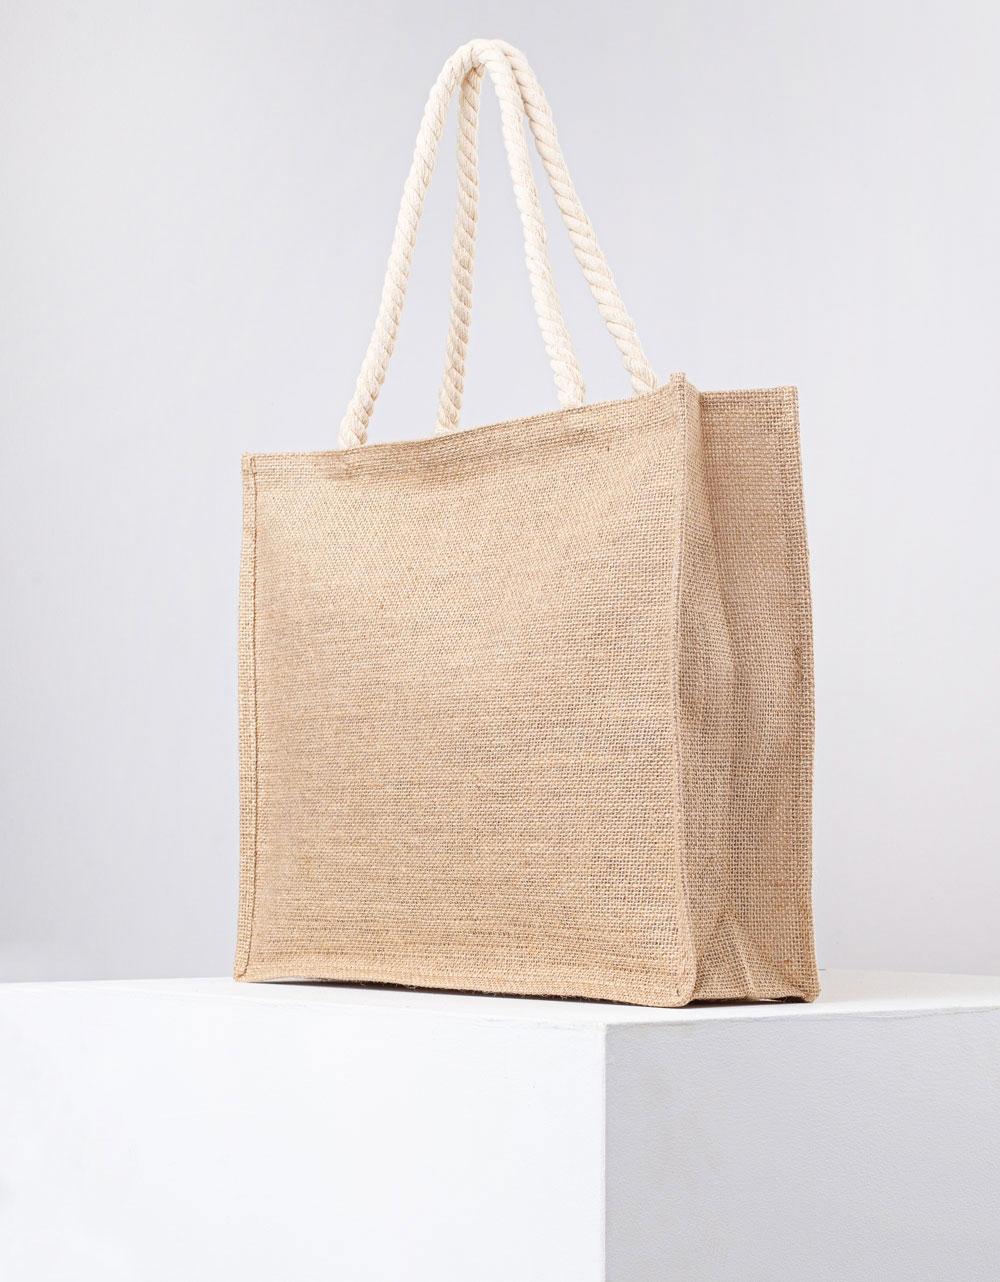 Εικόνα από Γυναικεία τσάντα χειρός ψάθινη με διακοσμητικό φουντάκι Μπεζ